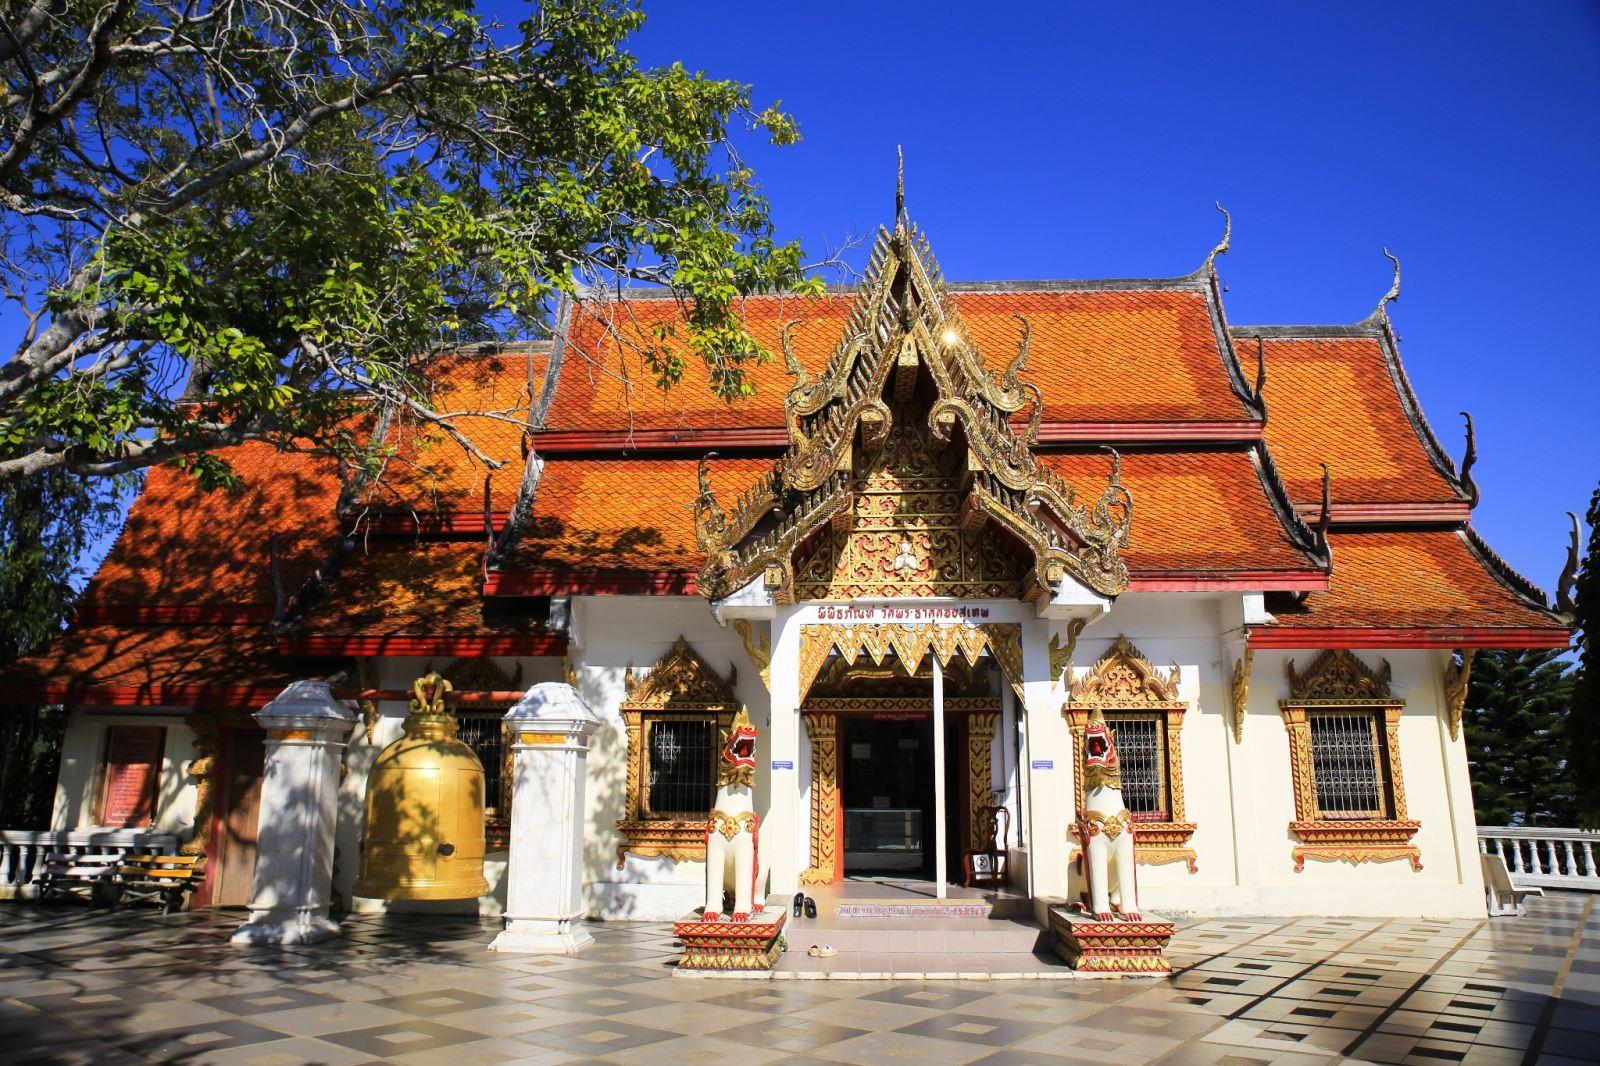 泰国进入国丧期 旅企提醒赴泰游客注意:禁酒、